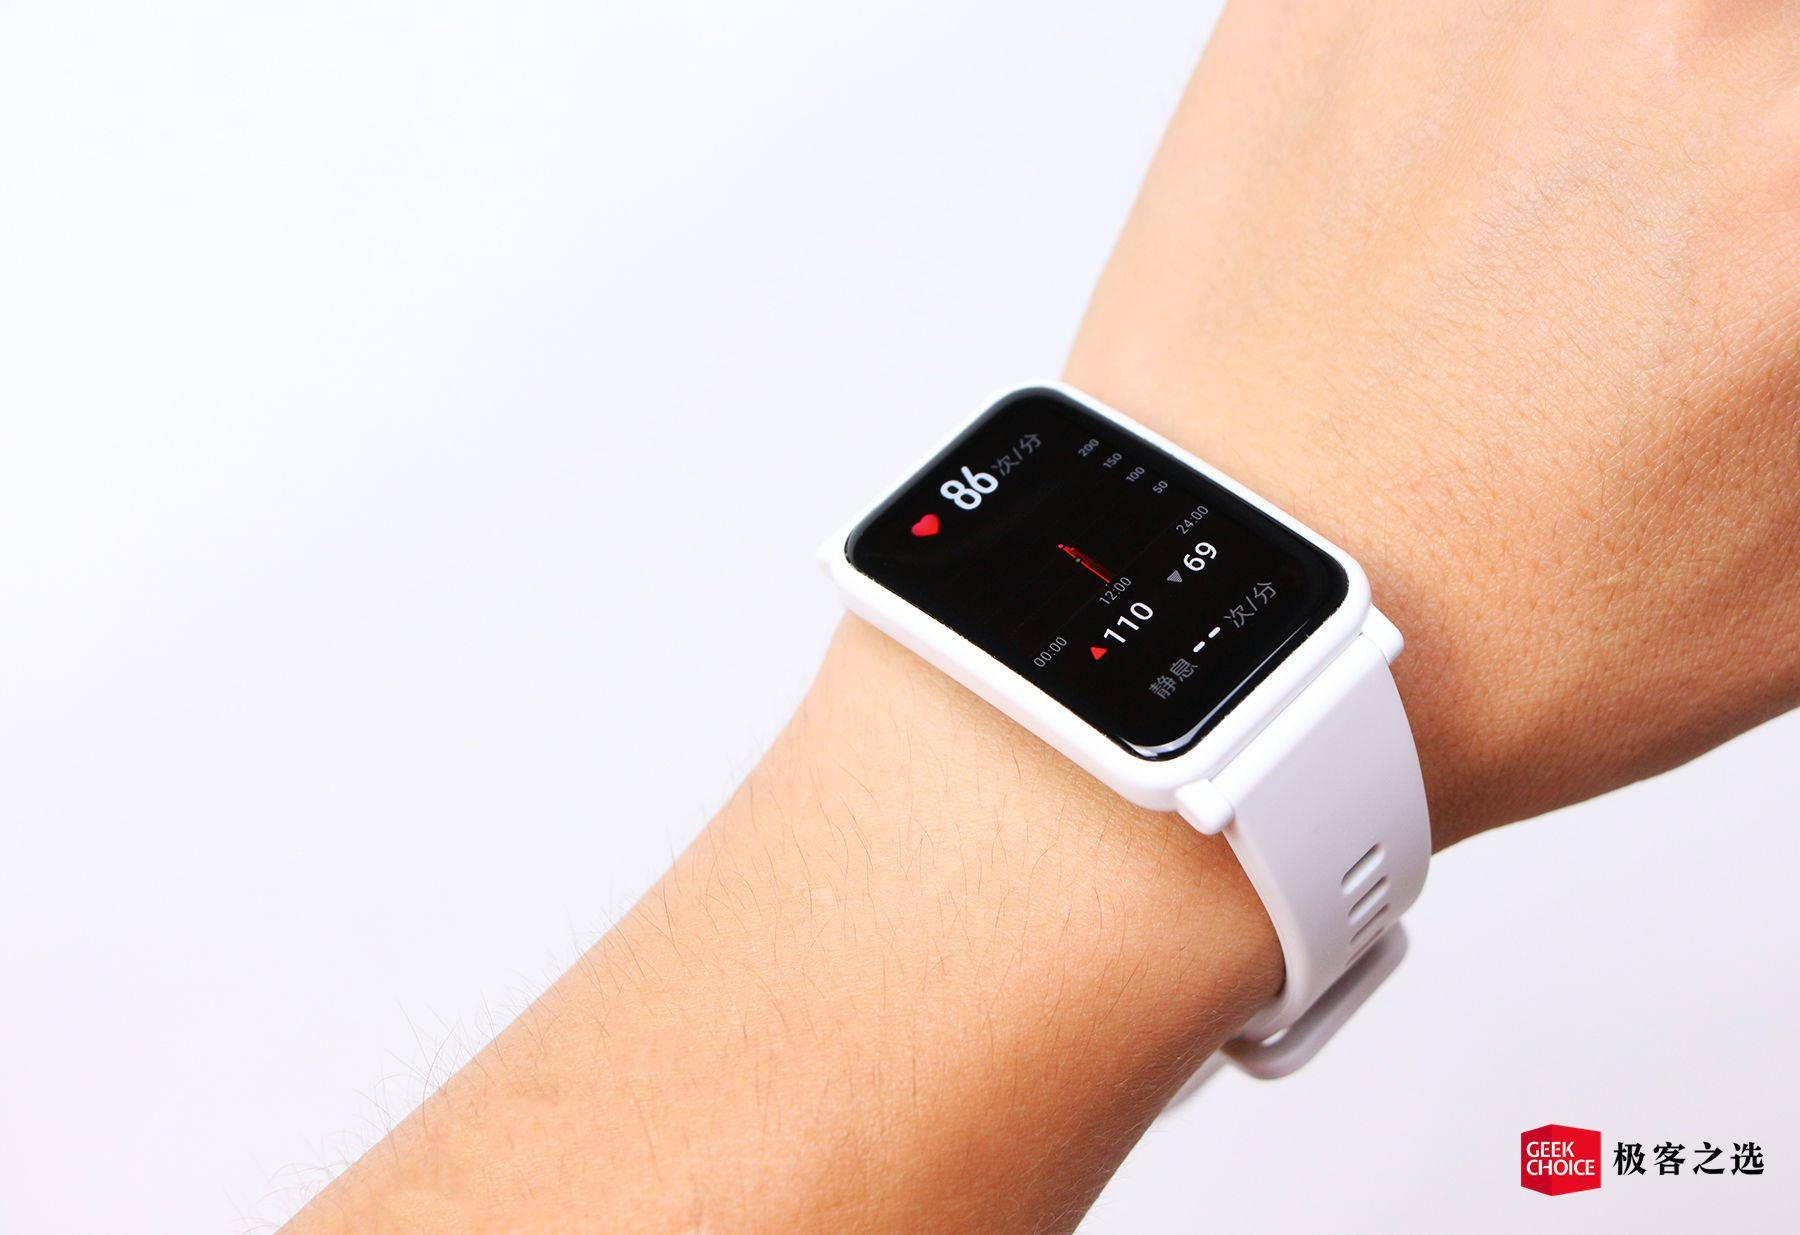 荣耀手表 ES 体验:自带动画健身课程,还有「手环」般的轻便佩戴感